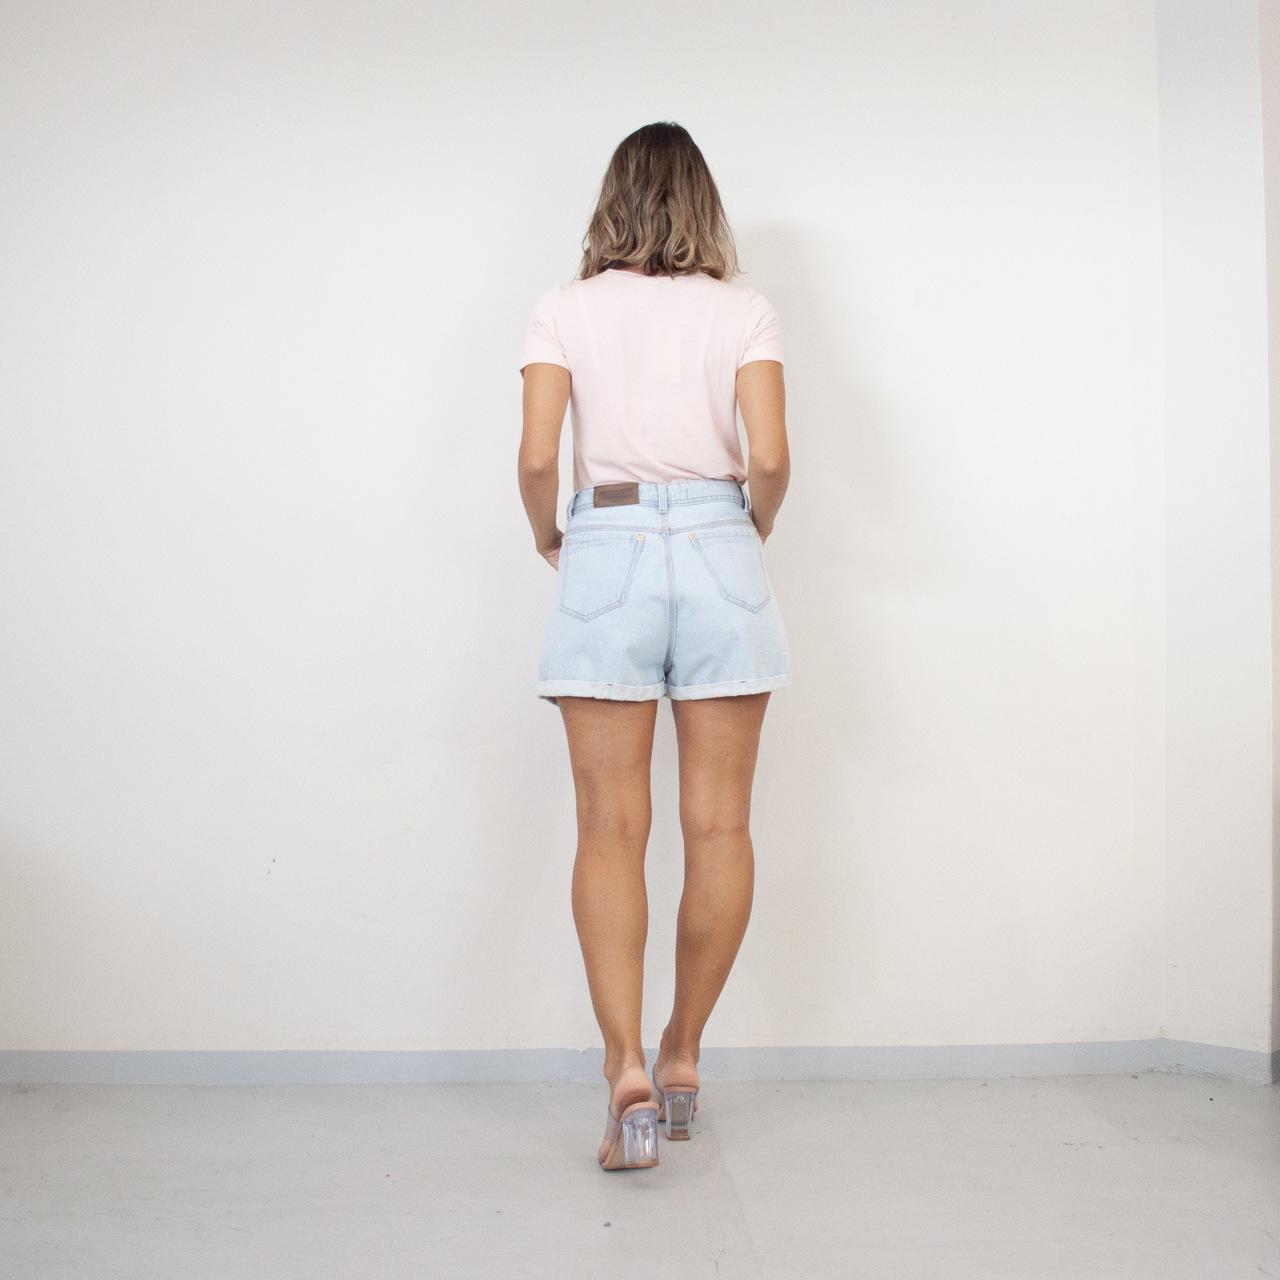 T-Shirt Viscolycra Gola U - Moment - Rosa Claro